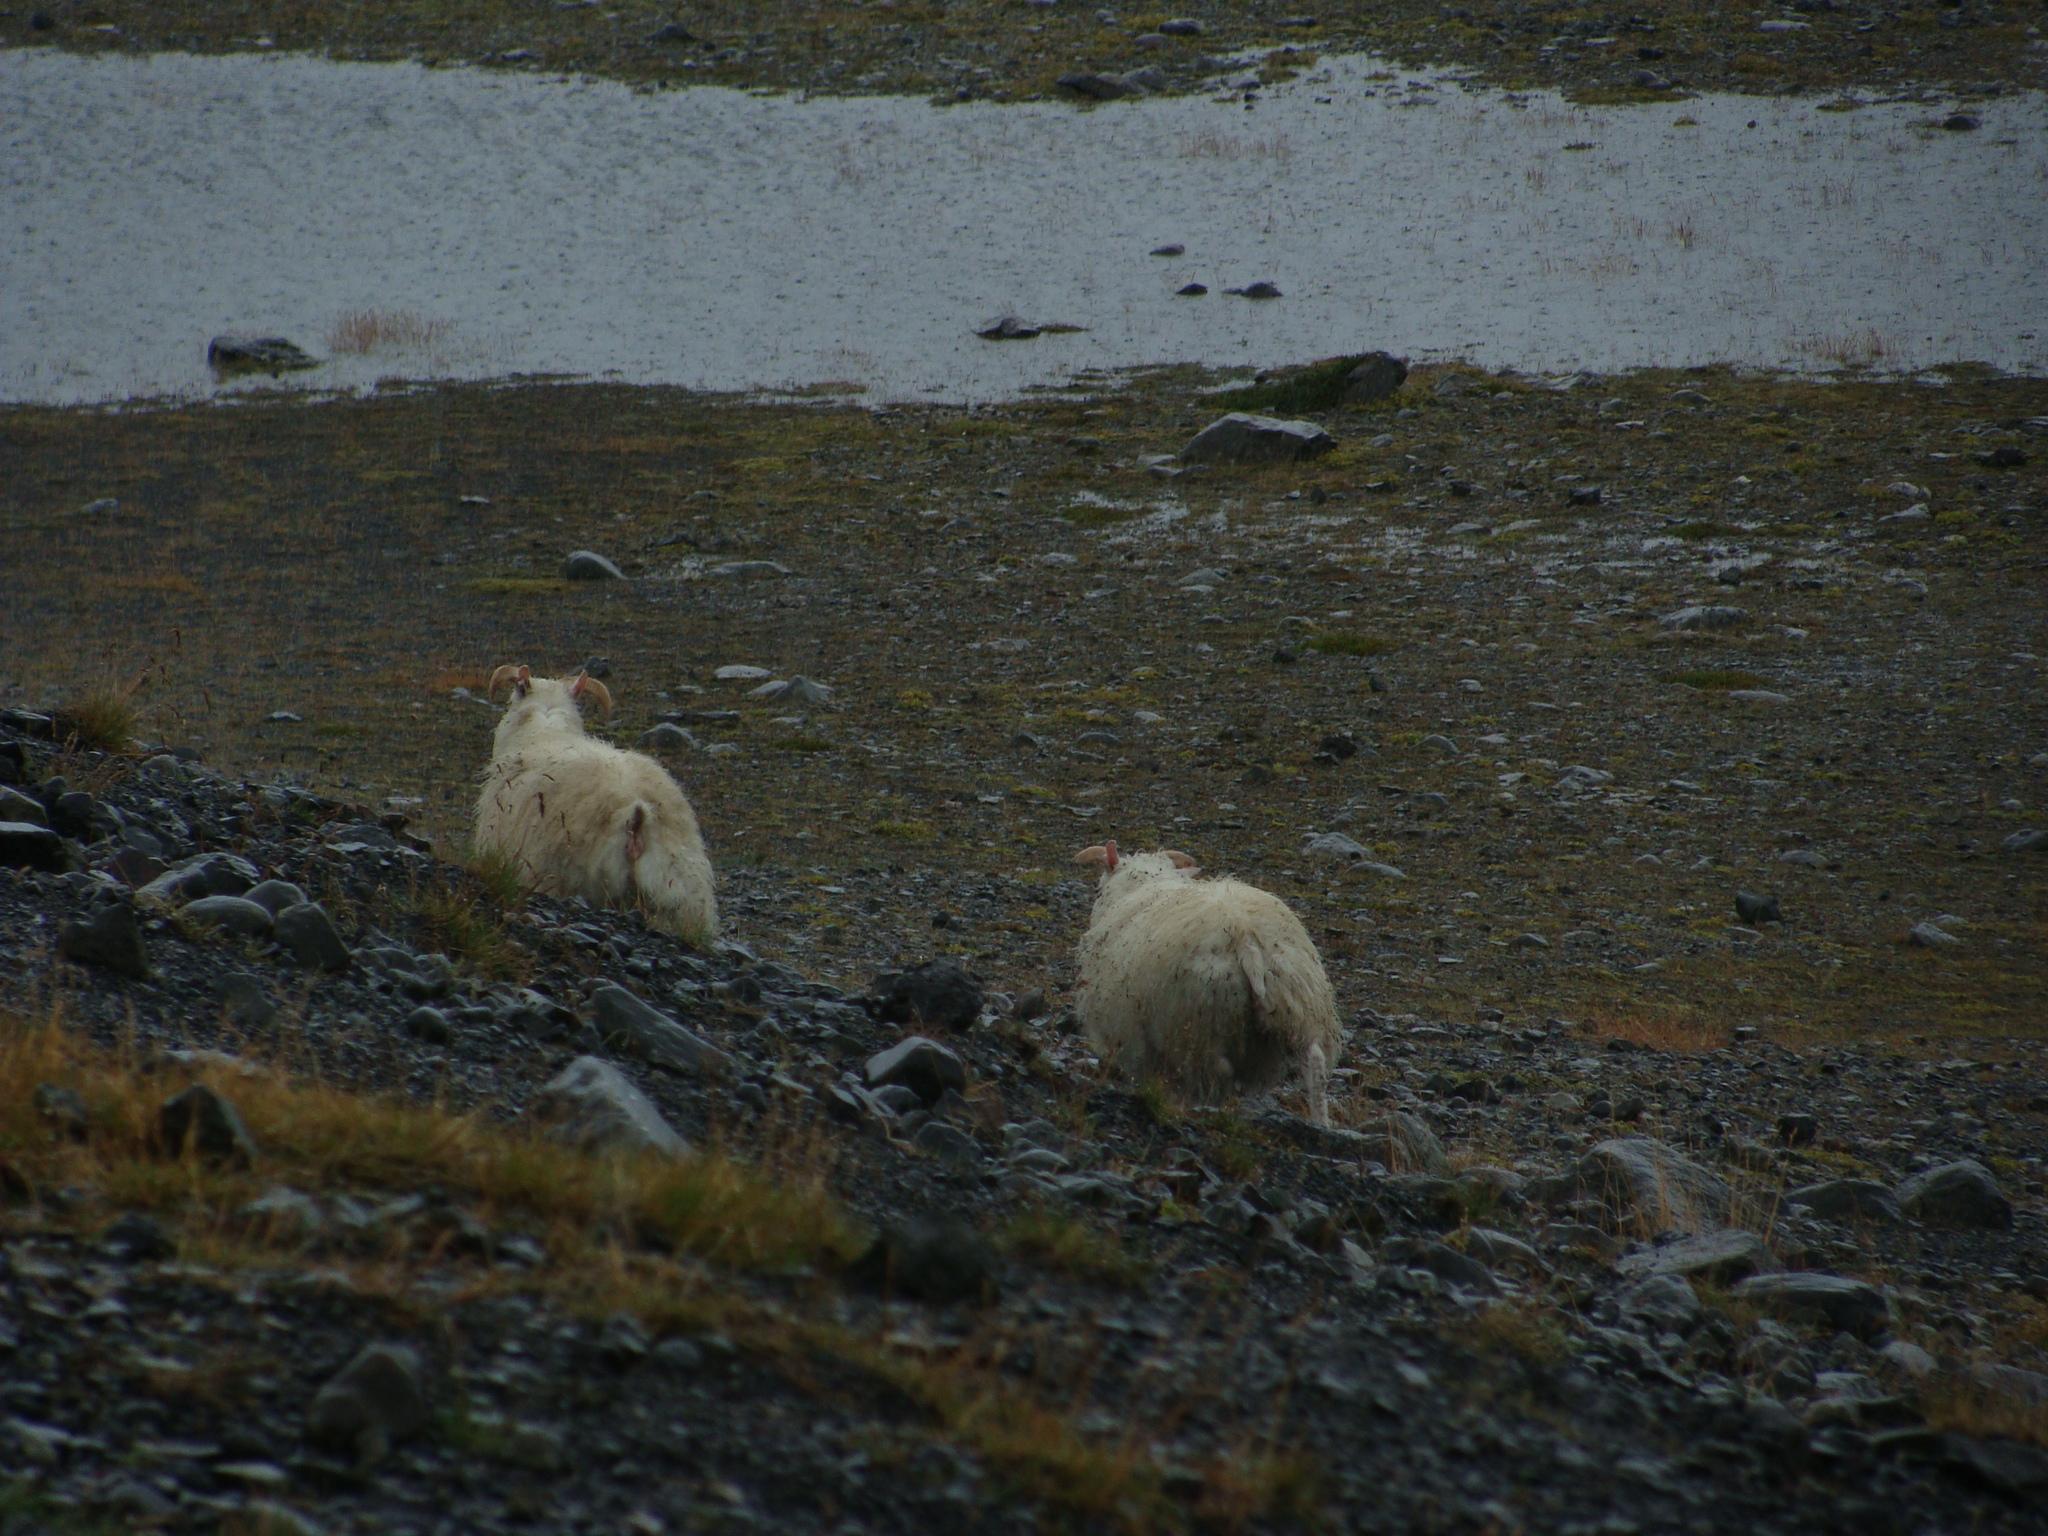 Islandia y la afición por tejer que se extiende/ Iceland and the love of knitting that spreads